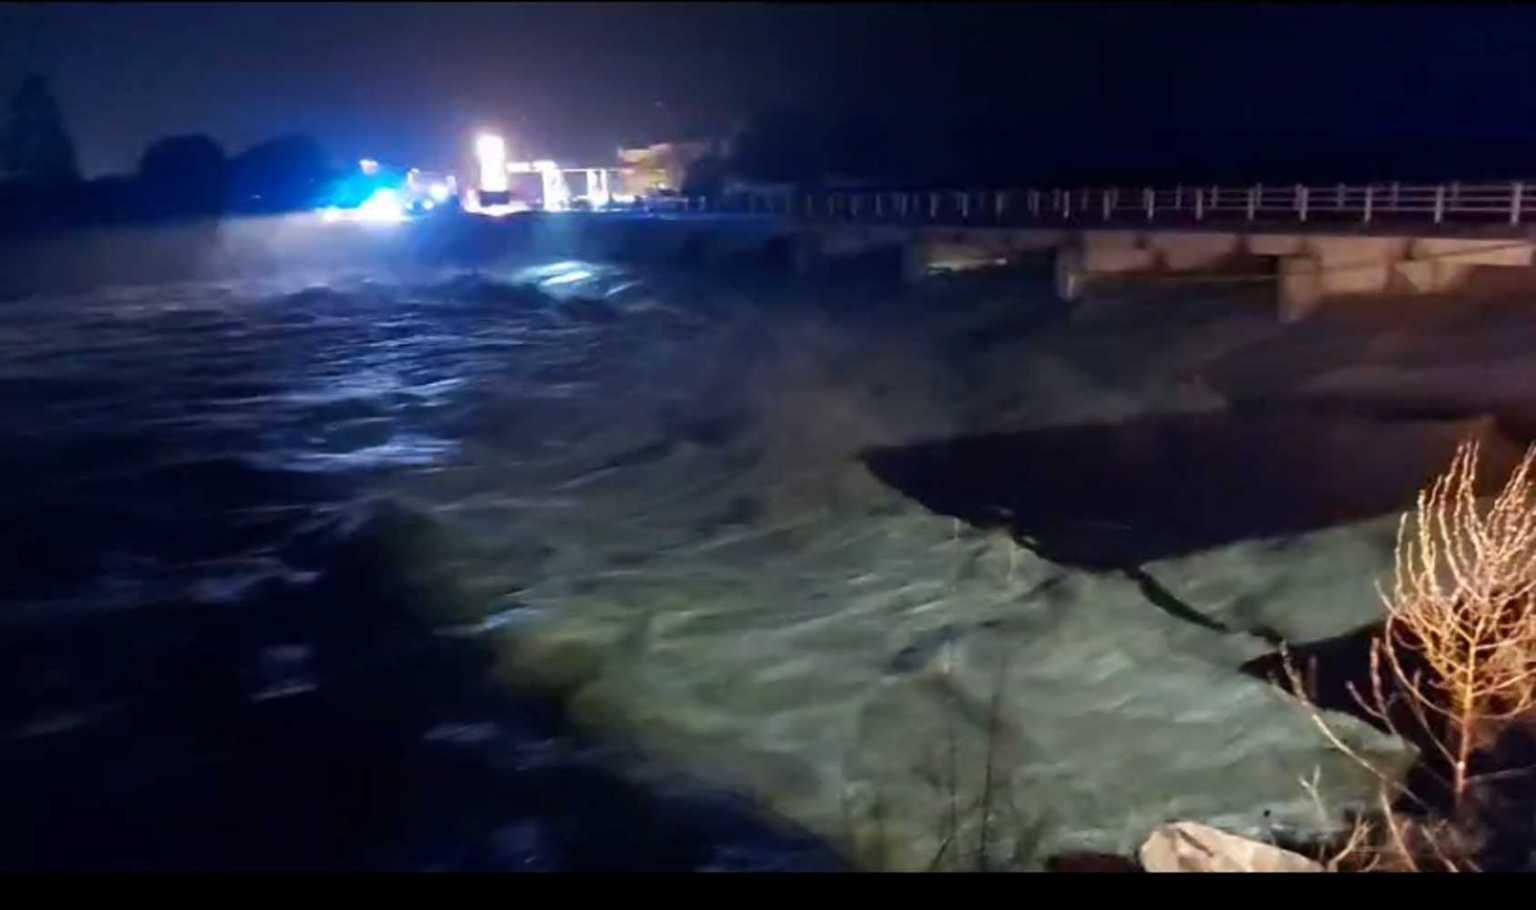 Λέσβος: Μεγάλα προβλήματα από την έντονη βροχόπτωση /ΒΙΝΤΕΟ